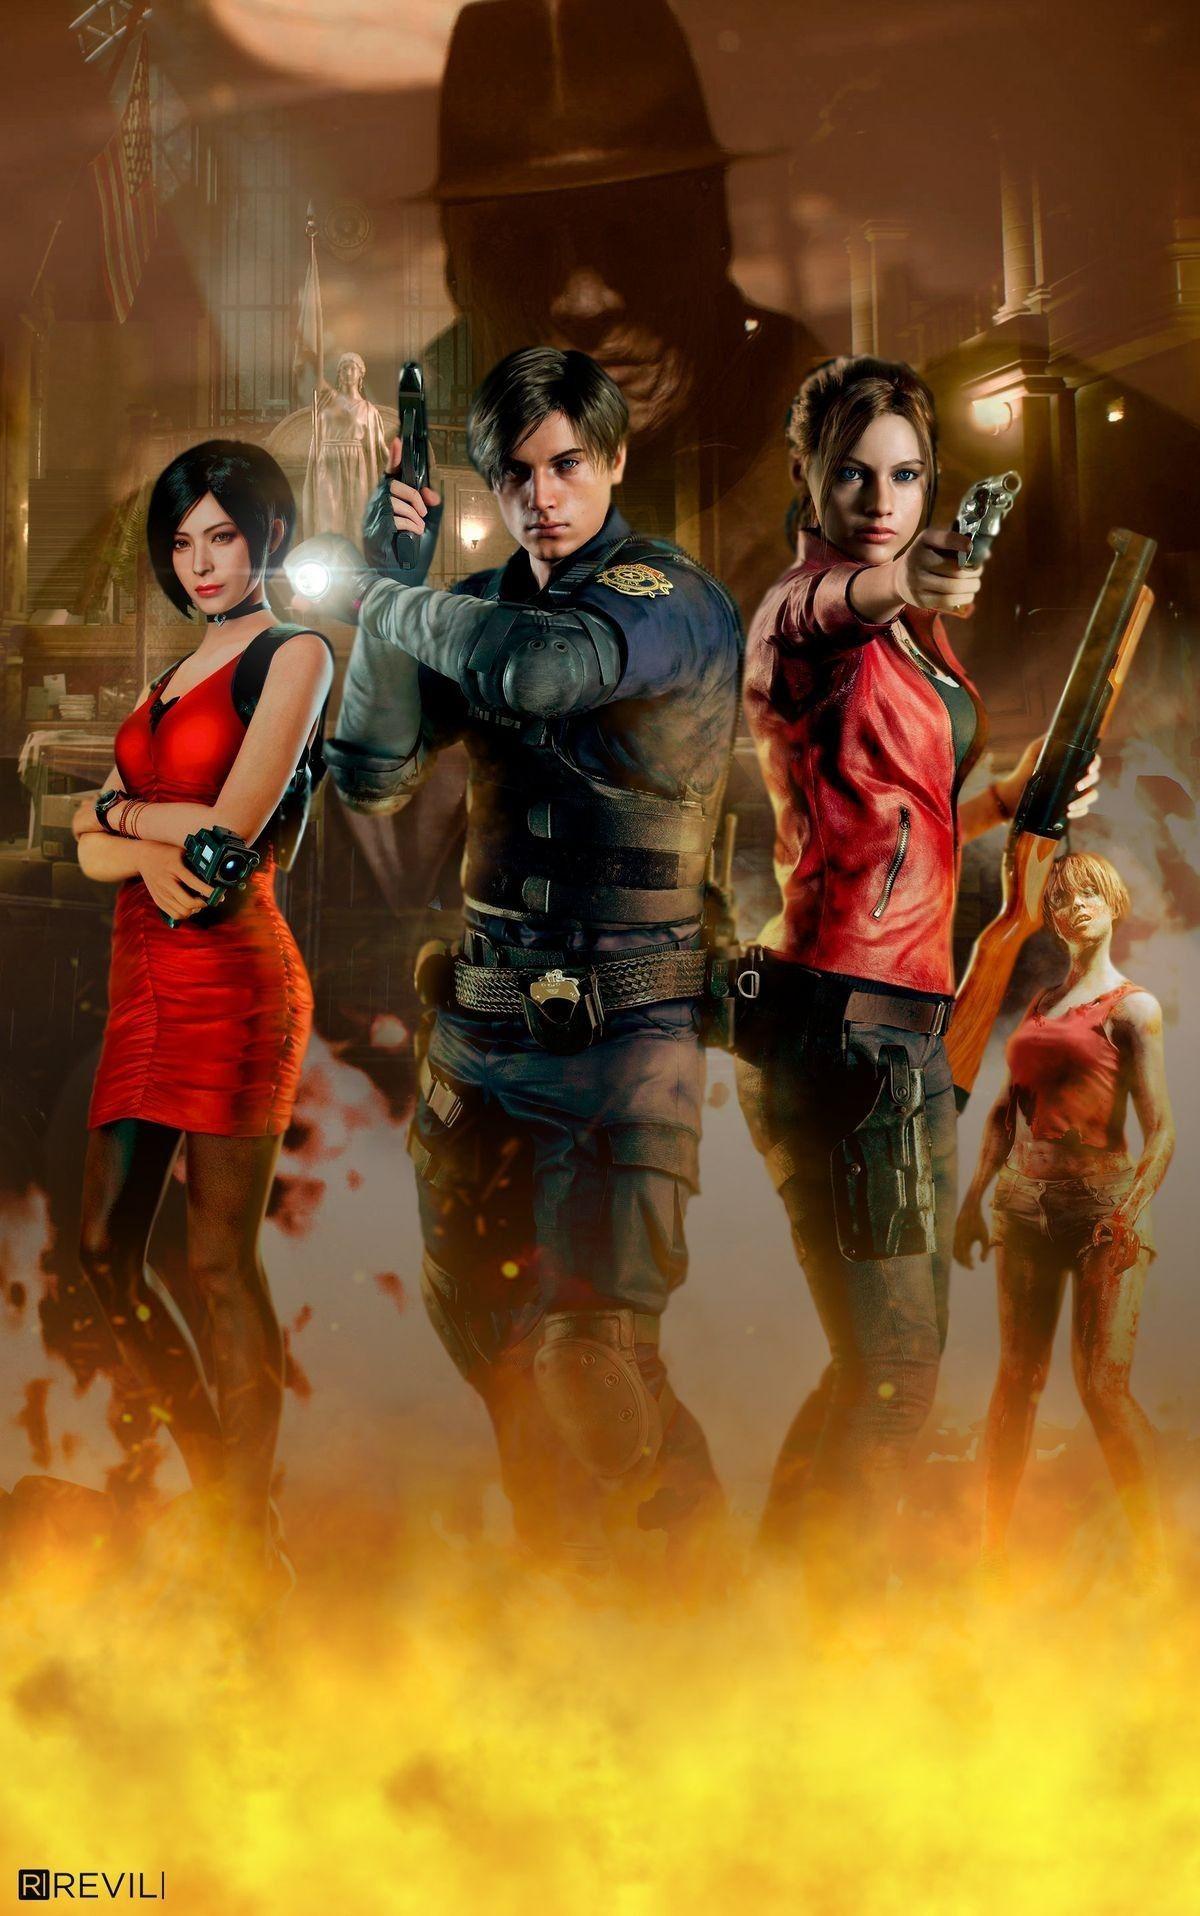 Pin By Raven On Resident Evil Resident Evil Girl Resident Evil Game Resident Evil Leon